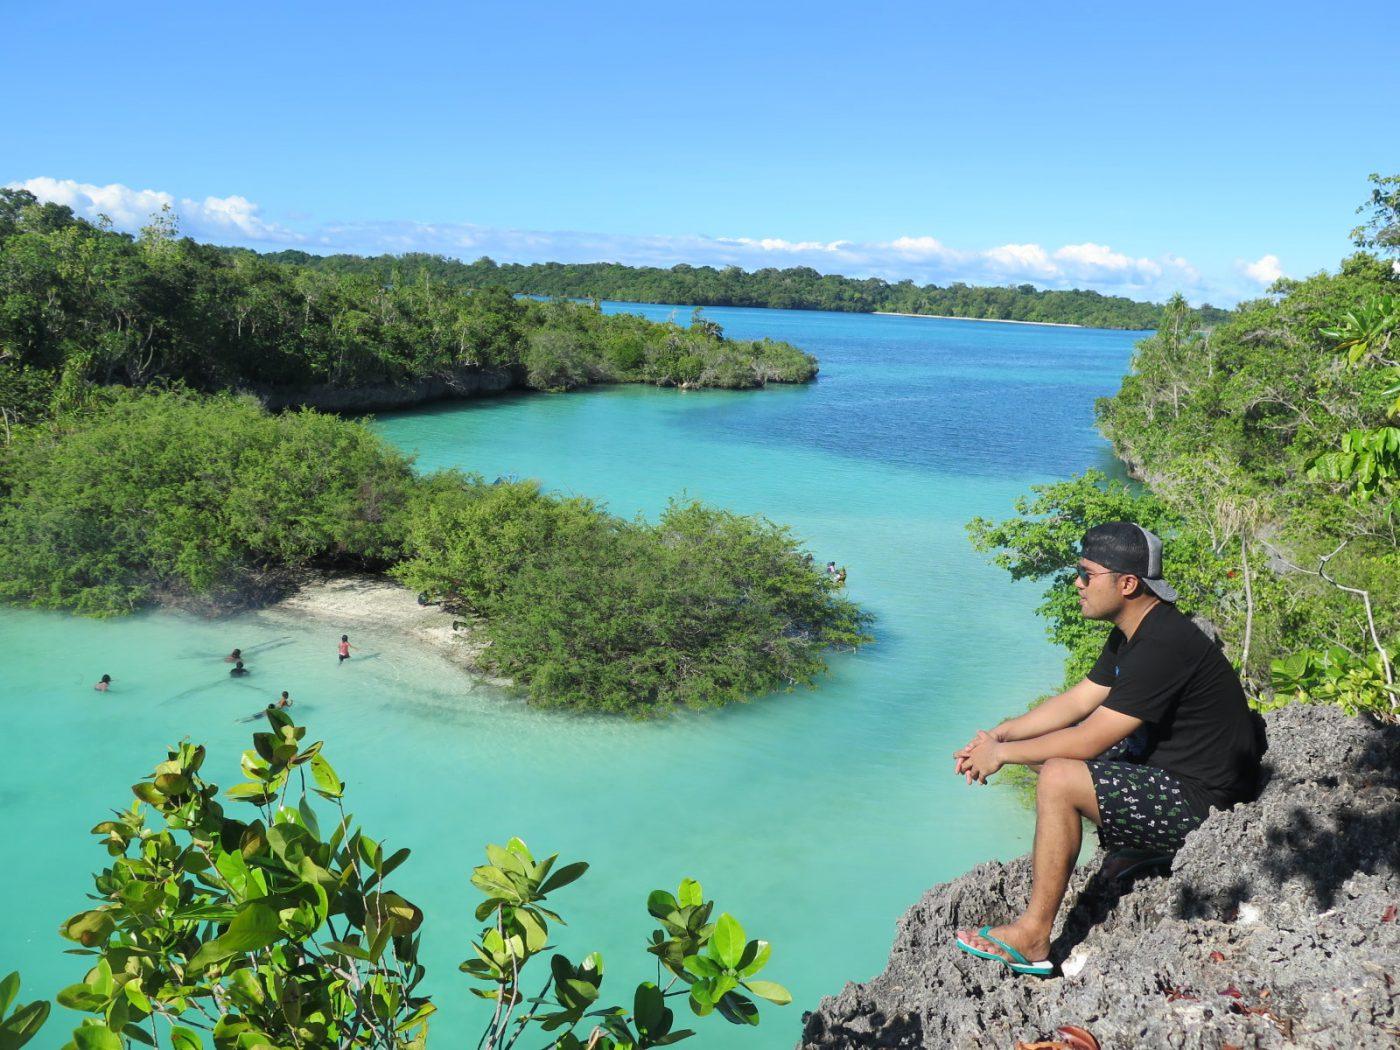 Pesona Wisata Pulau Bair Tual Maluku yang Disebut Raja Ampat Maluku